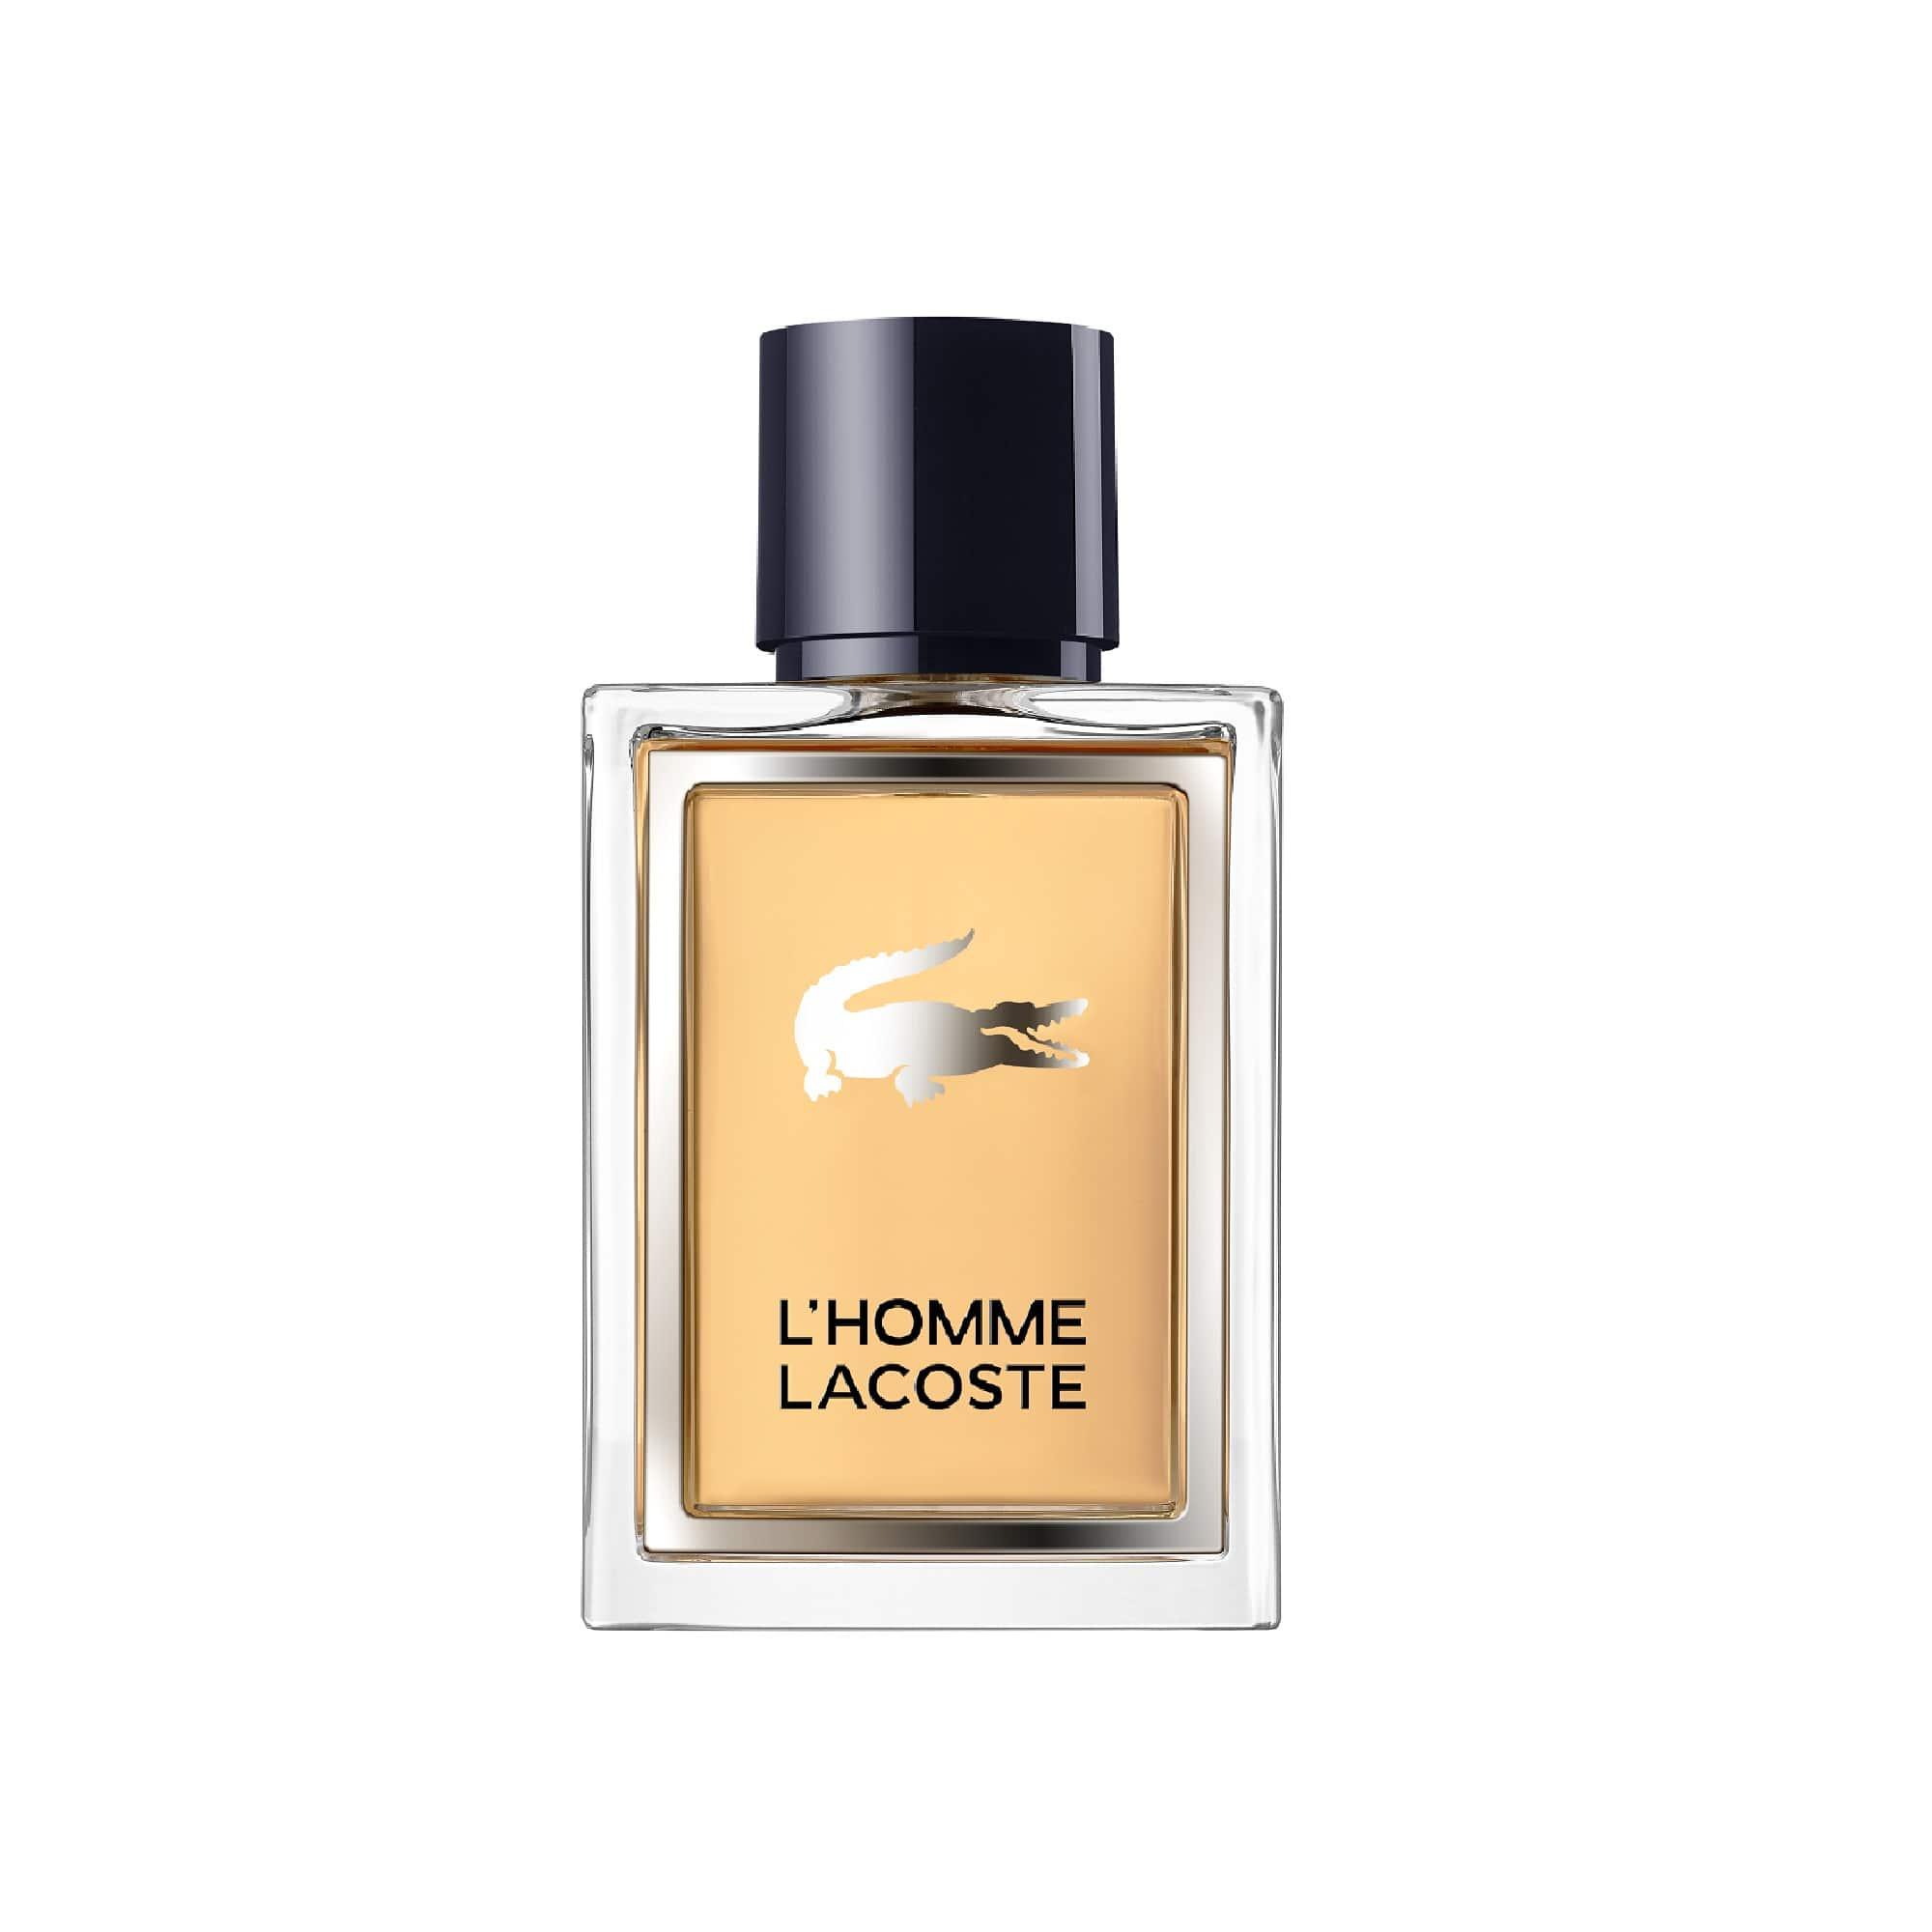 Eau de toilette L'Homme Lacoste, 150 ml